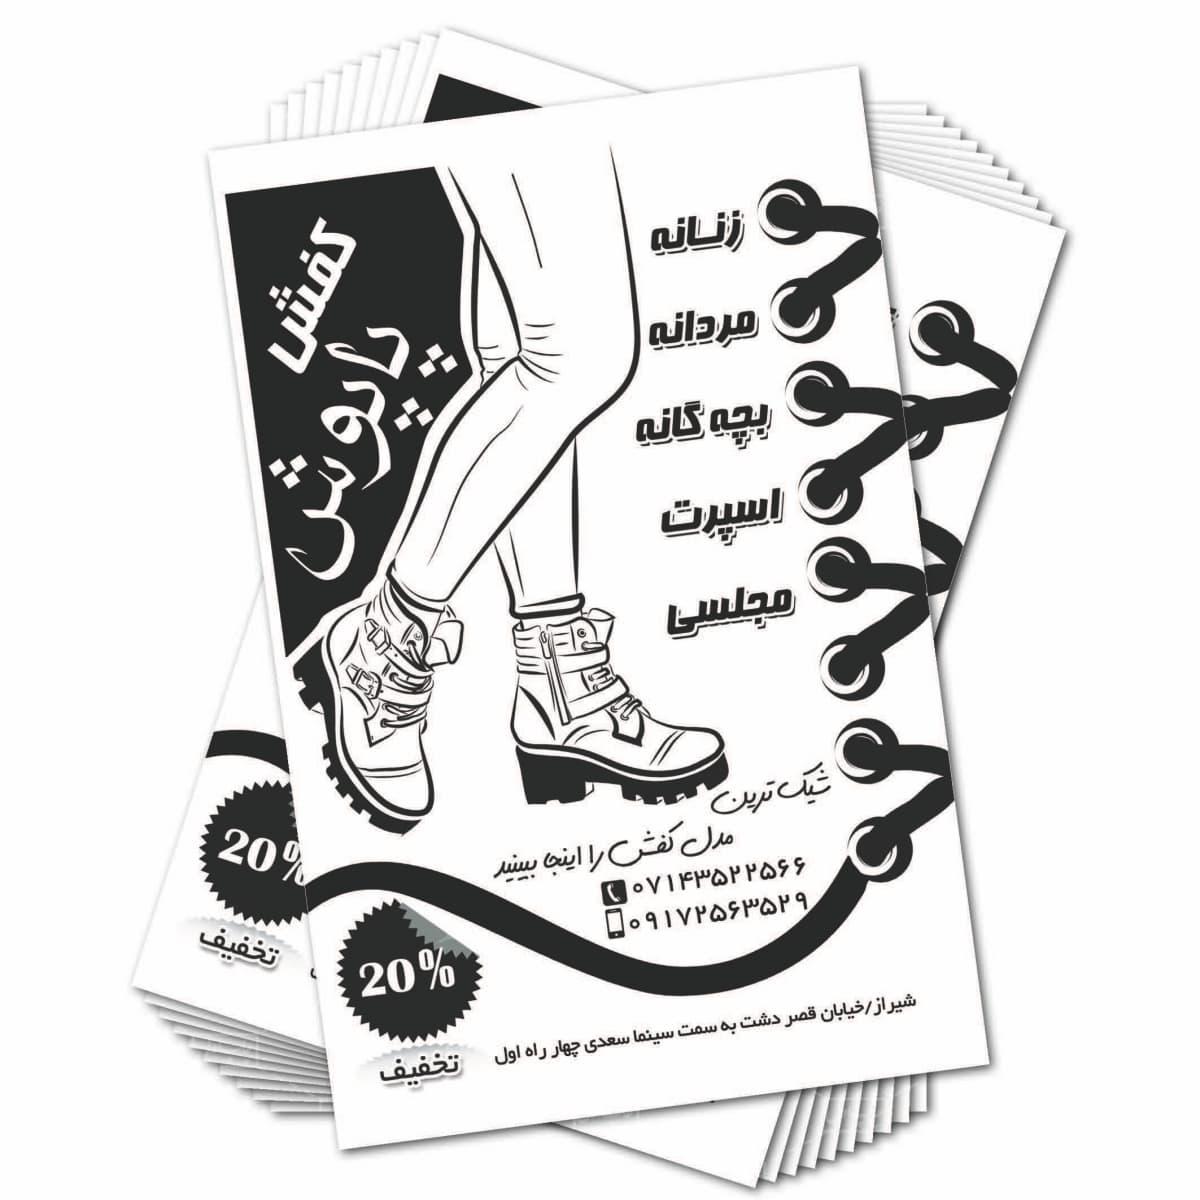 تراکت سیاه سفید فروشگاه کفش طرح 993102